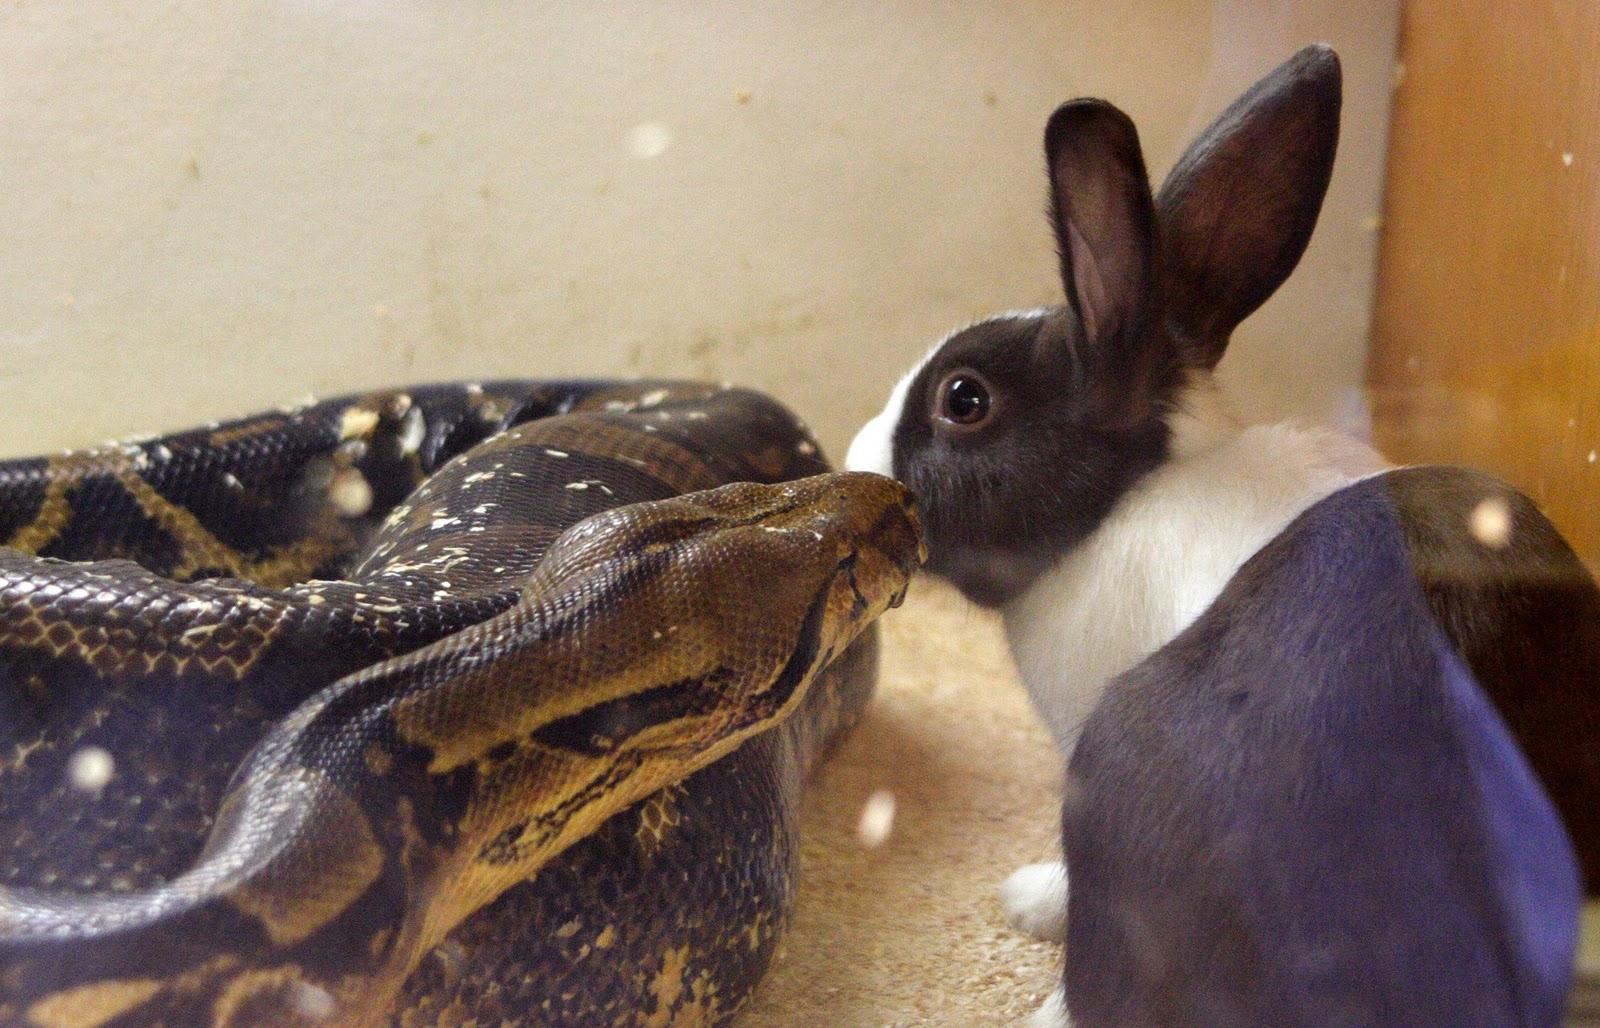 подробностей знаю, змея с ушами зайца картинка вам взглянуть фото